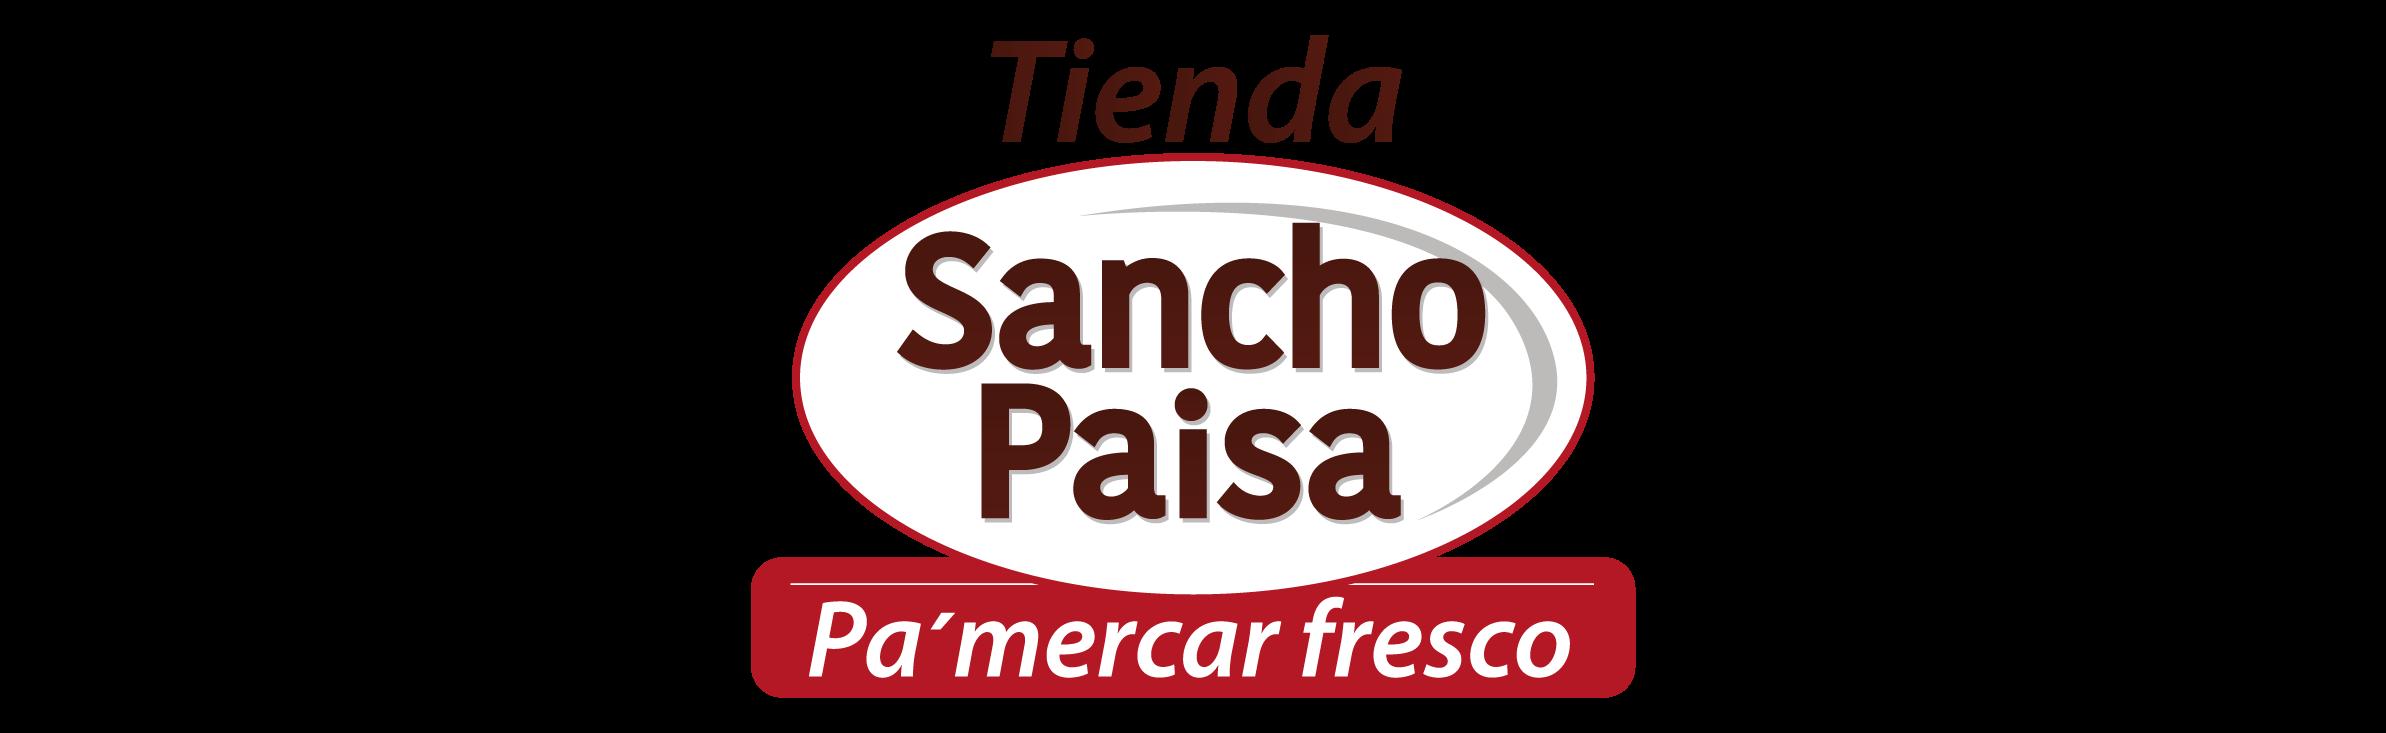 Tienda Sancho Paisa